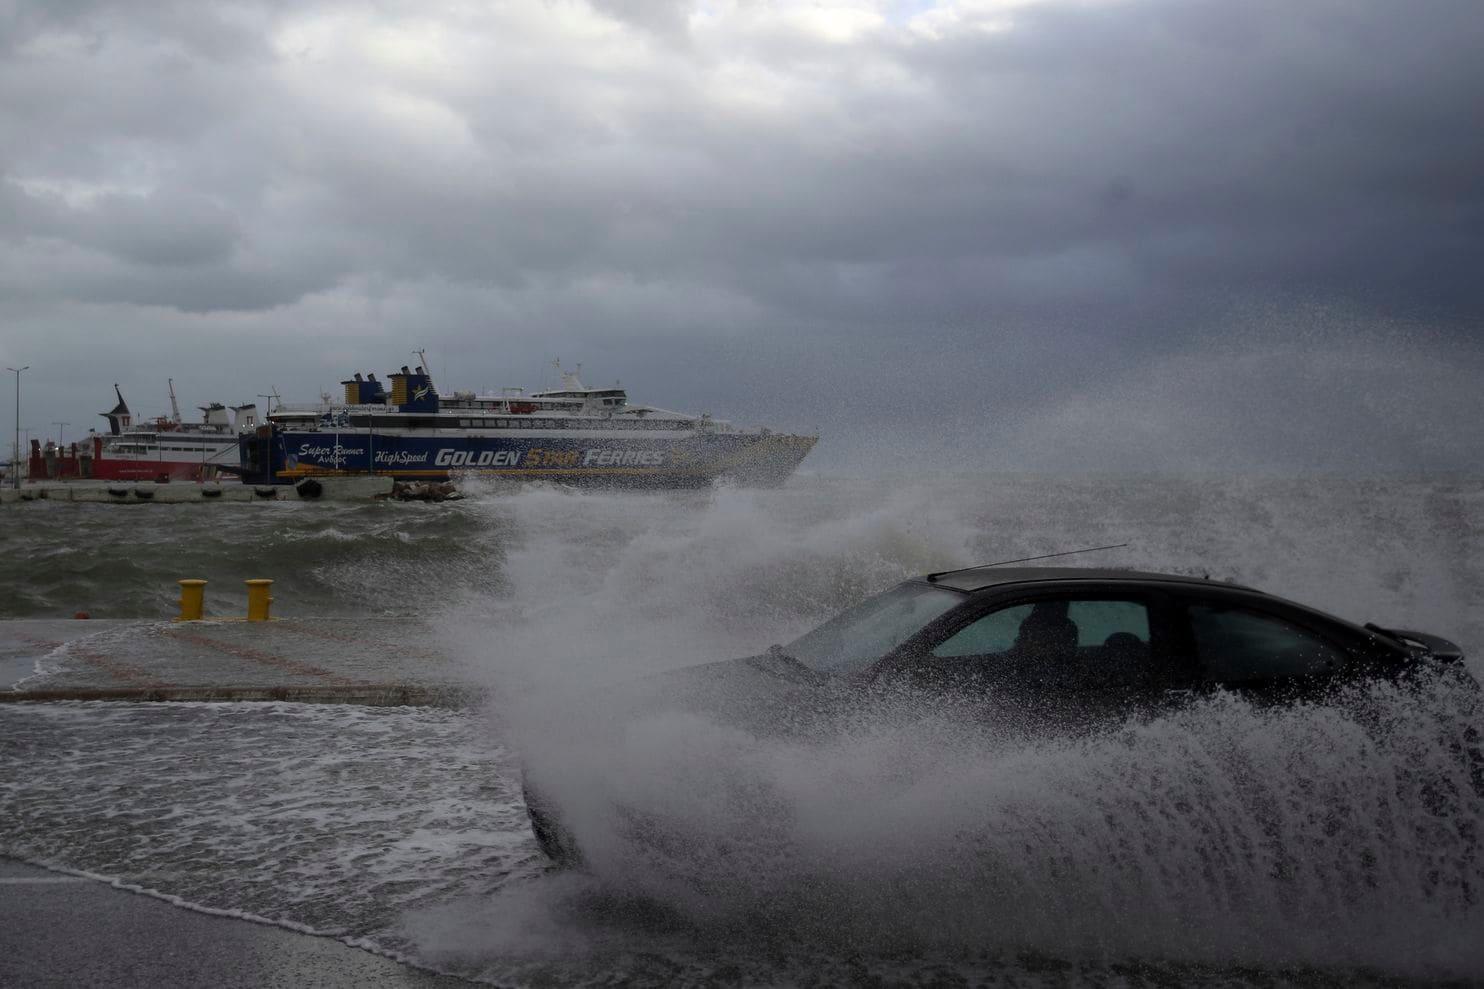 Ciclone mediterraneo: pesanti danni in Calabria e Sicilia, trema la Grecia